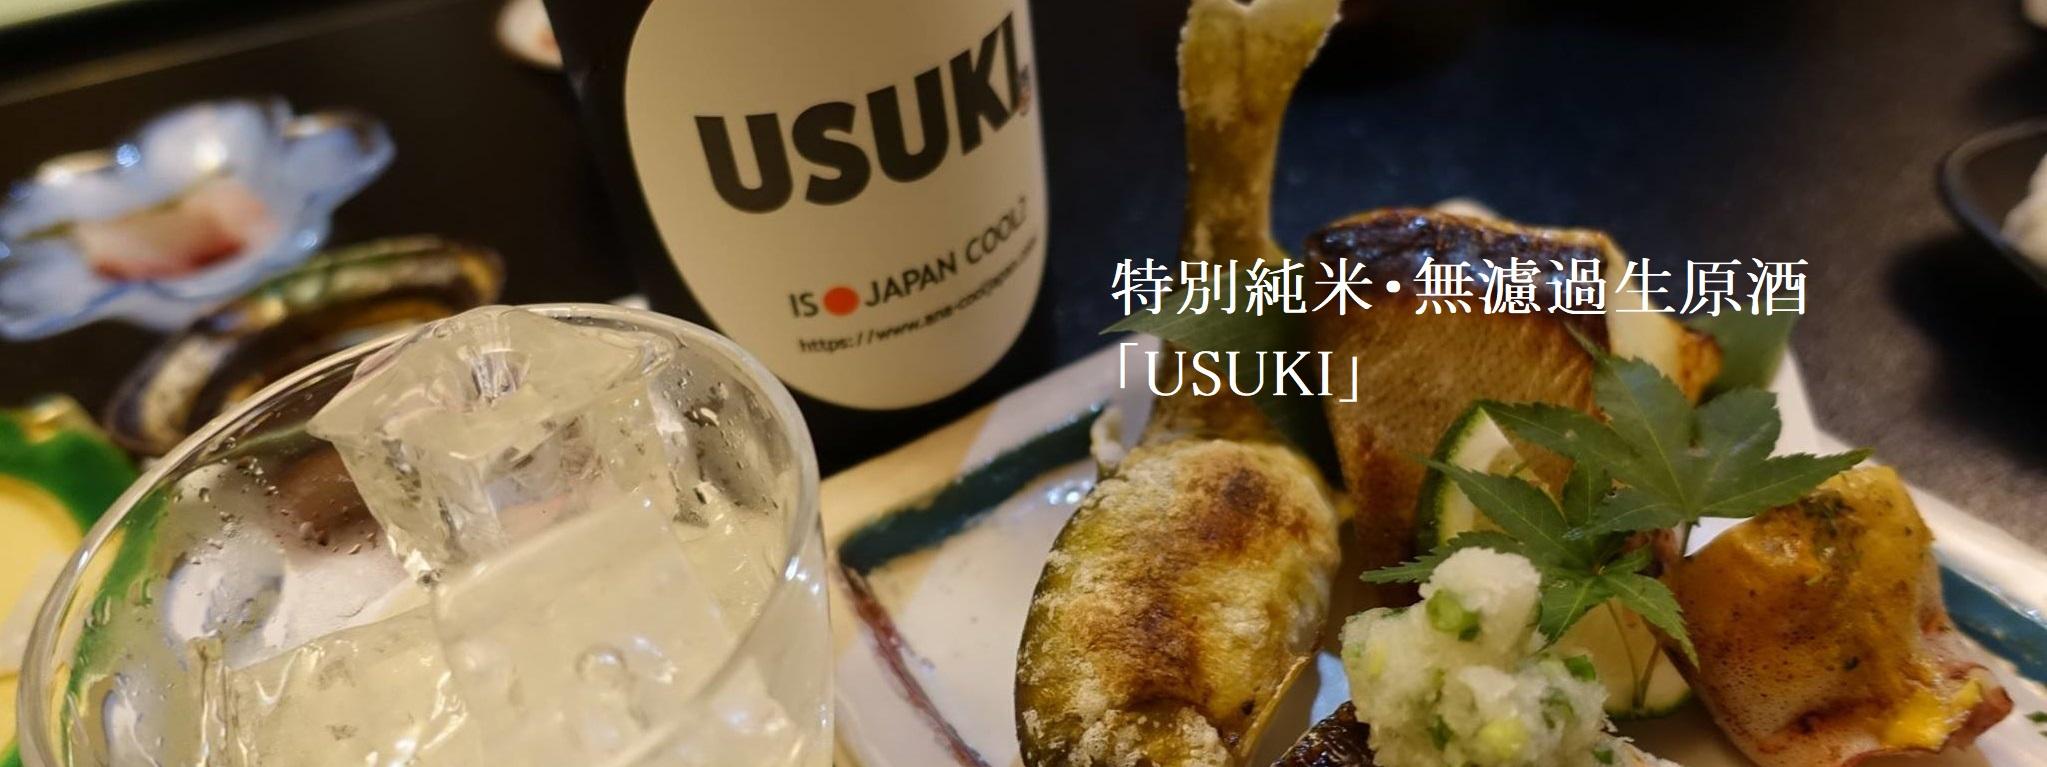 特別純米・無濾過生原酒「USUKI」は、大分県臼杵市で栽培された酒造好適米「若水」を100%使用。